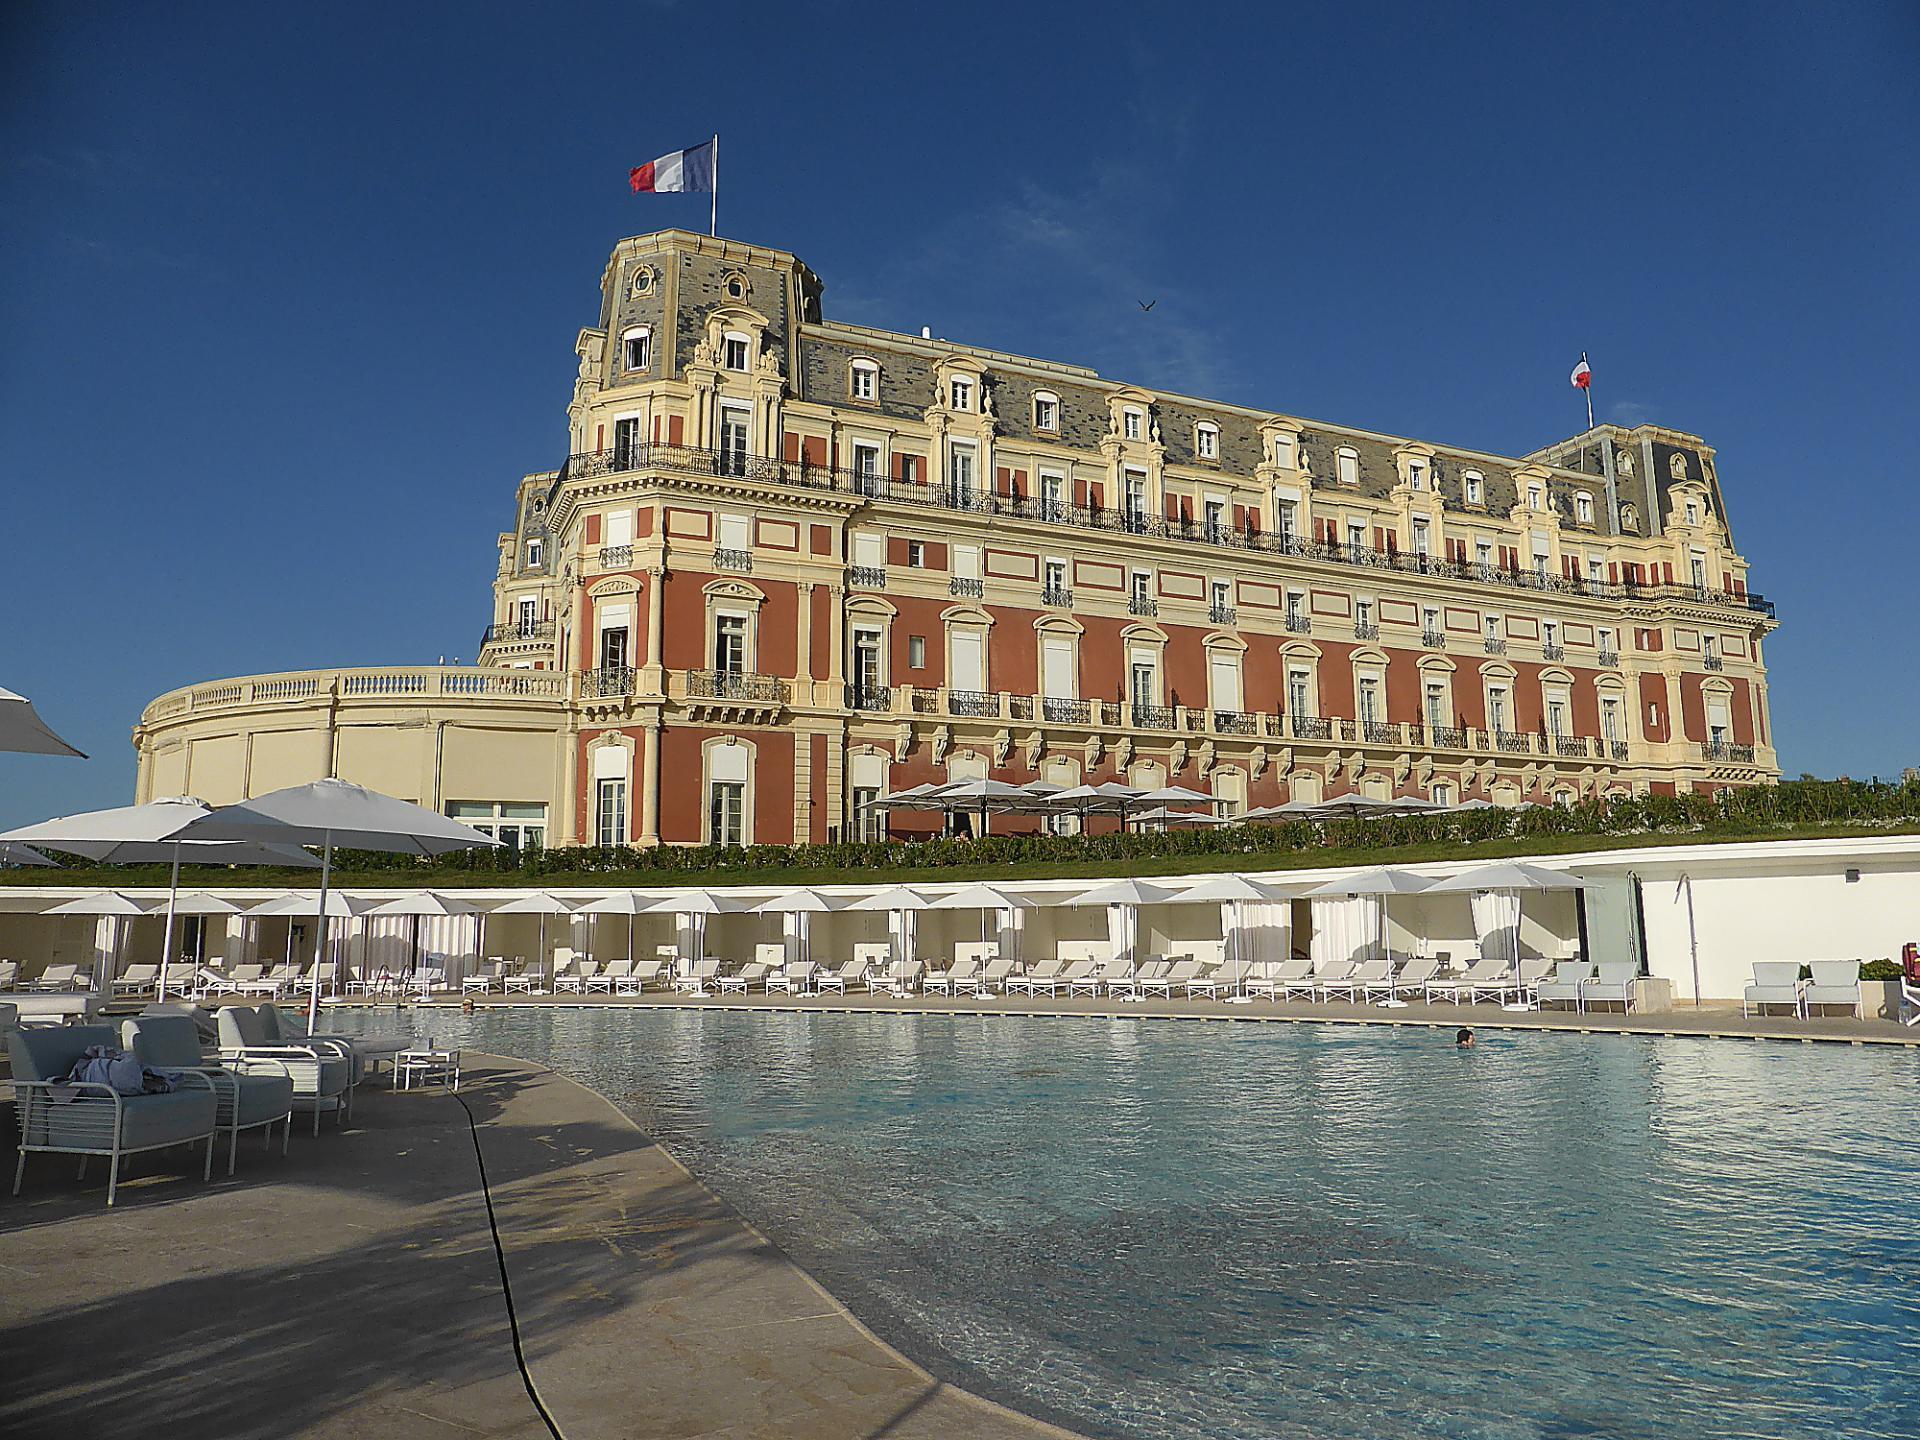 Biarritz, Hôtel du Palais, ancienne résidence impériale, cl. Ph. Cachau